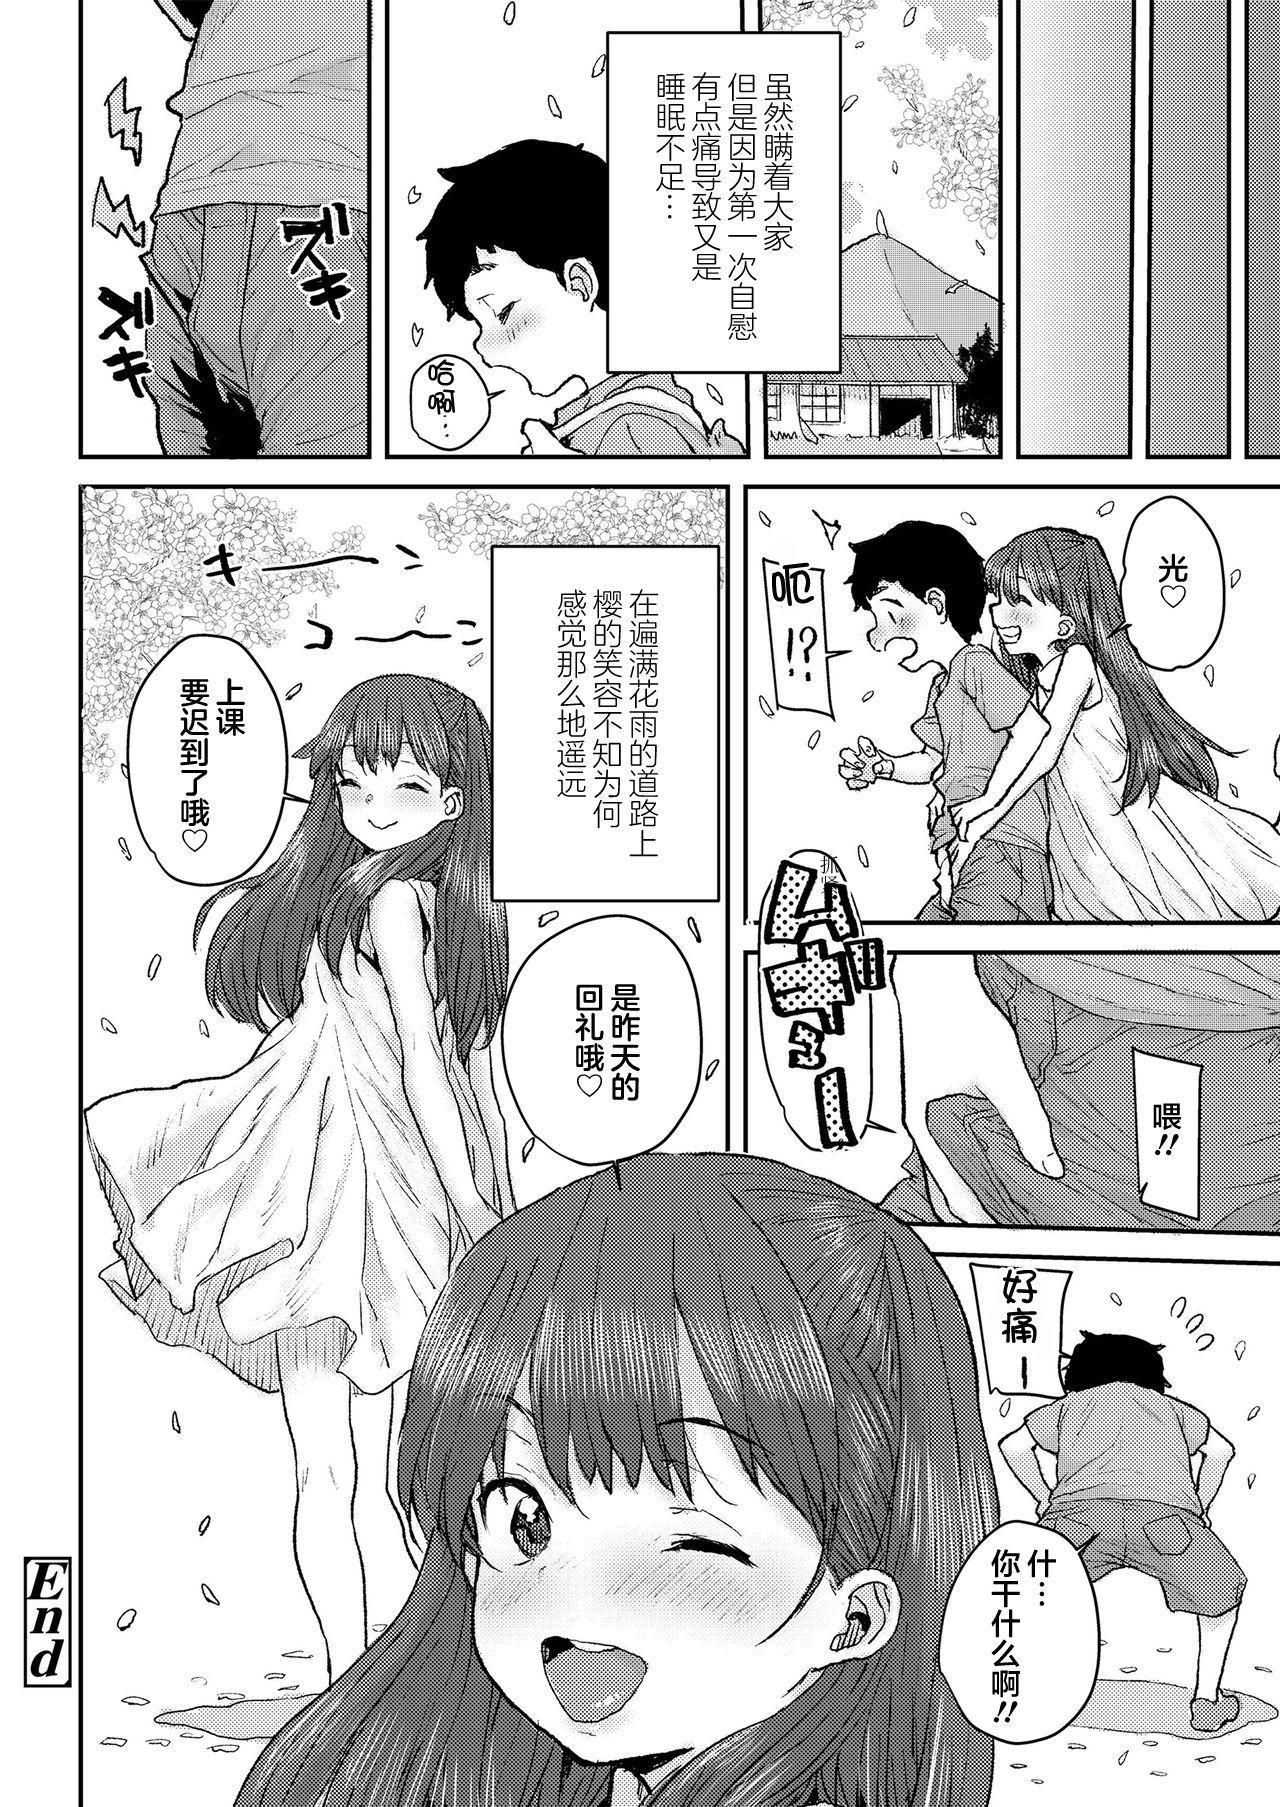 [Ponsuke] Sakura Ame[Chinese]【不可视汉化】 50